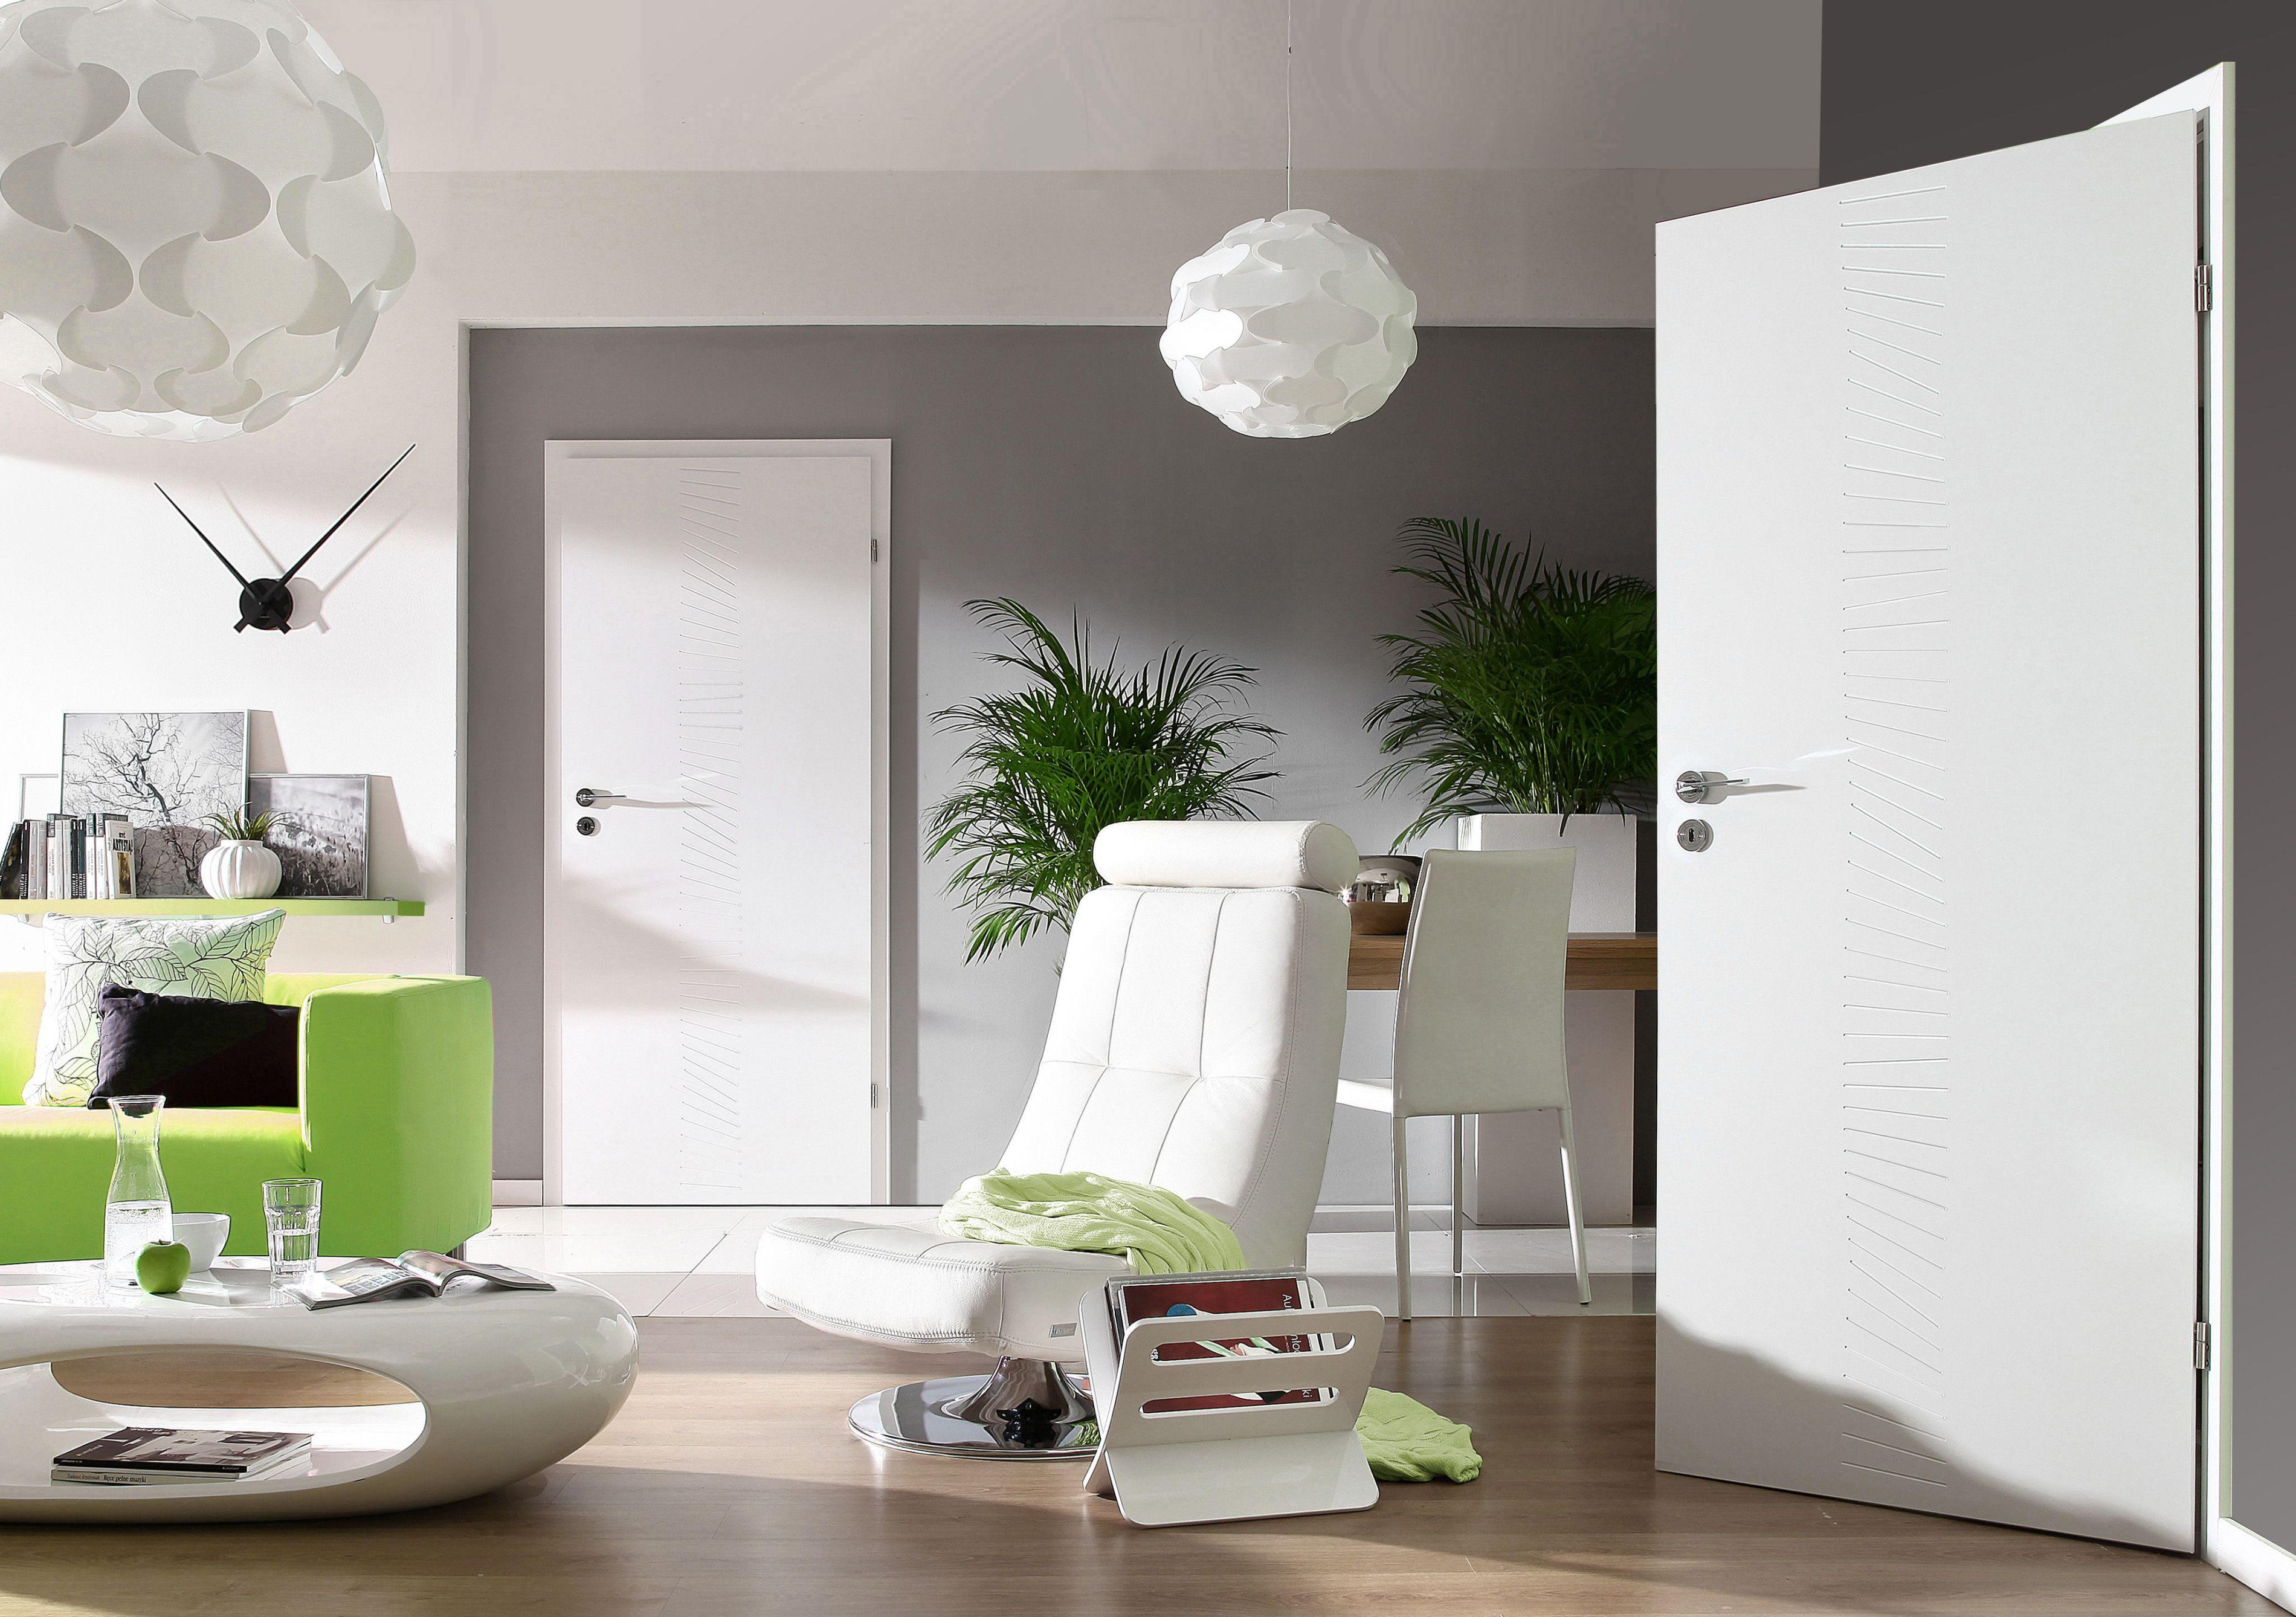 Drzwi z wypełnieniem plaster miodu